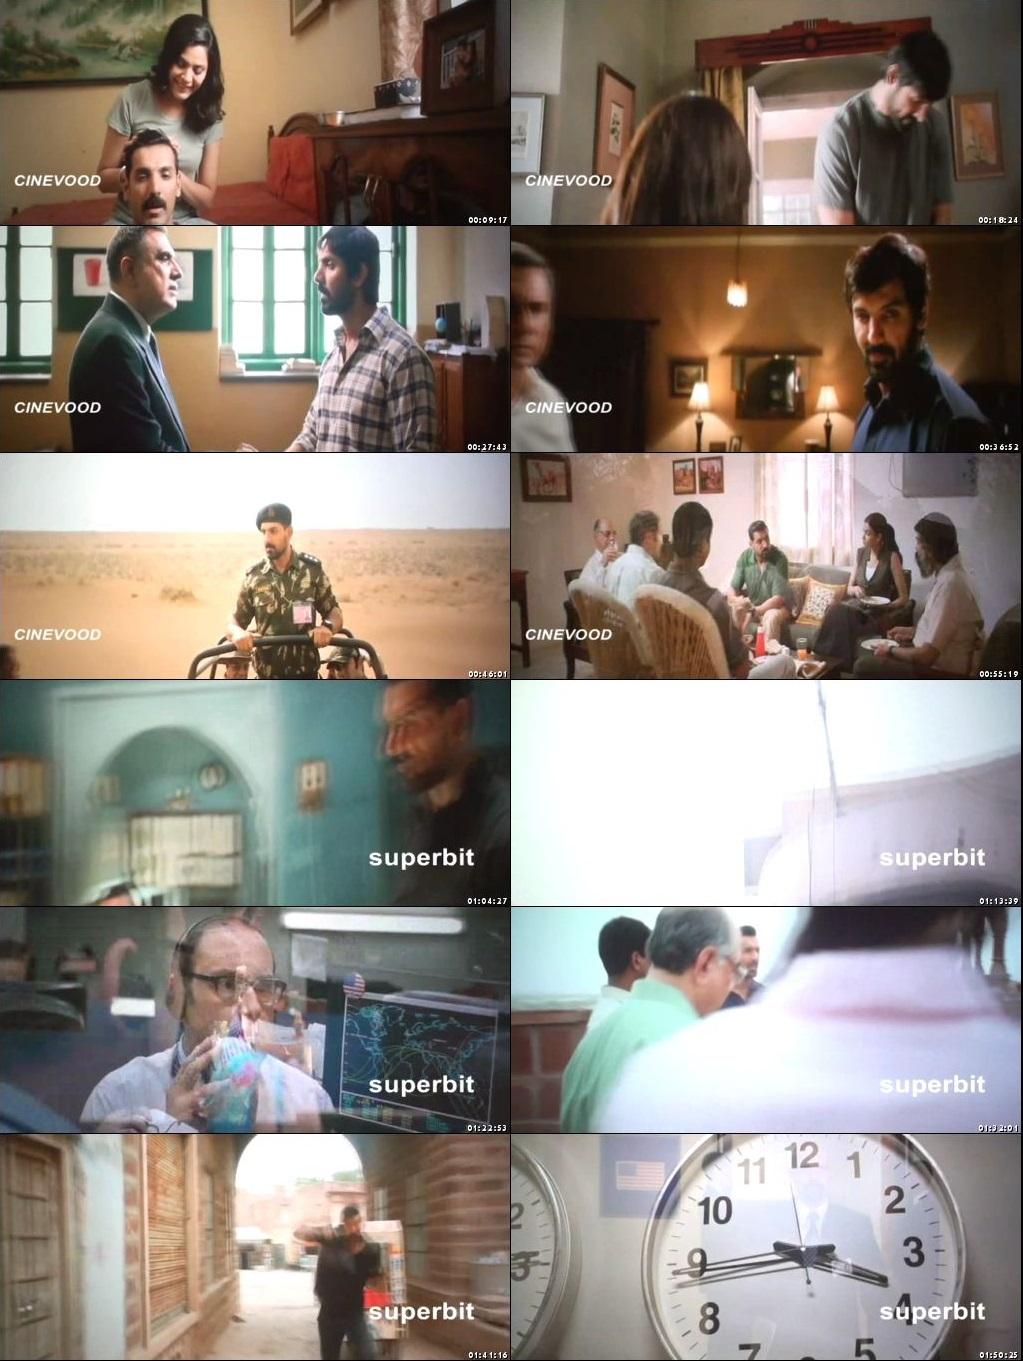 Parmanu 2018 Full Movie Download 720p HDRip, BluRay, DVDRip, mkv, Mp4 1080p Full Hd